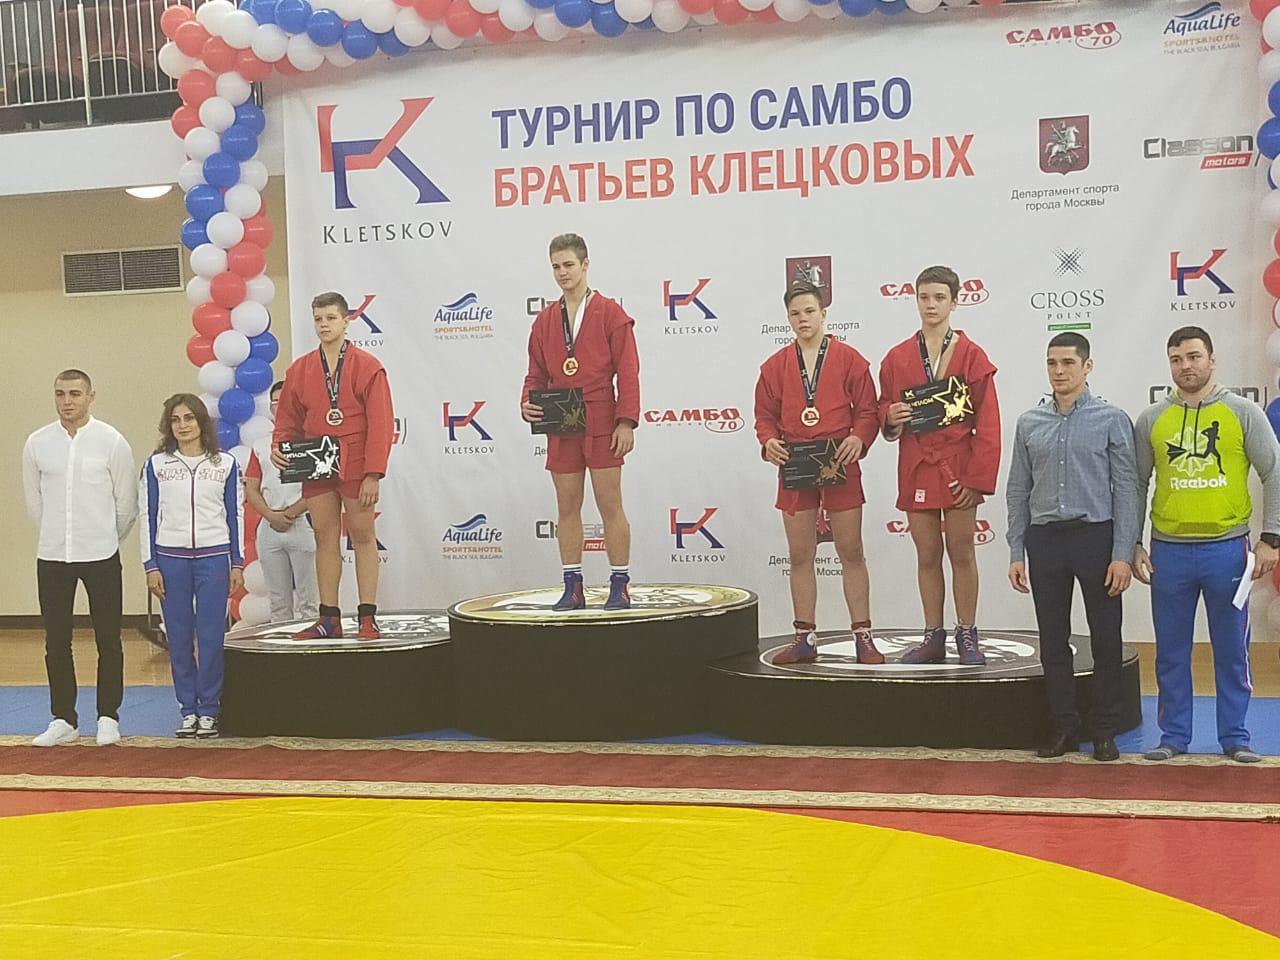 Воспитанник спортивной школы на 1-й Вольской взял бронзу турнира по самбо